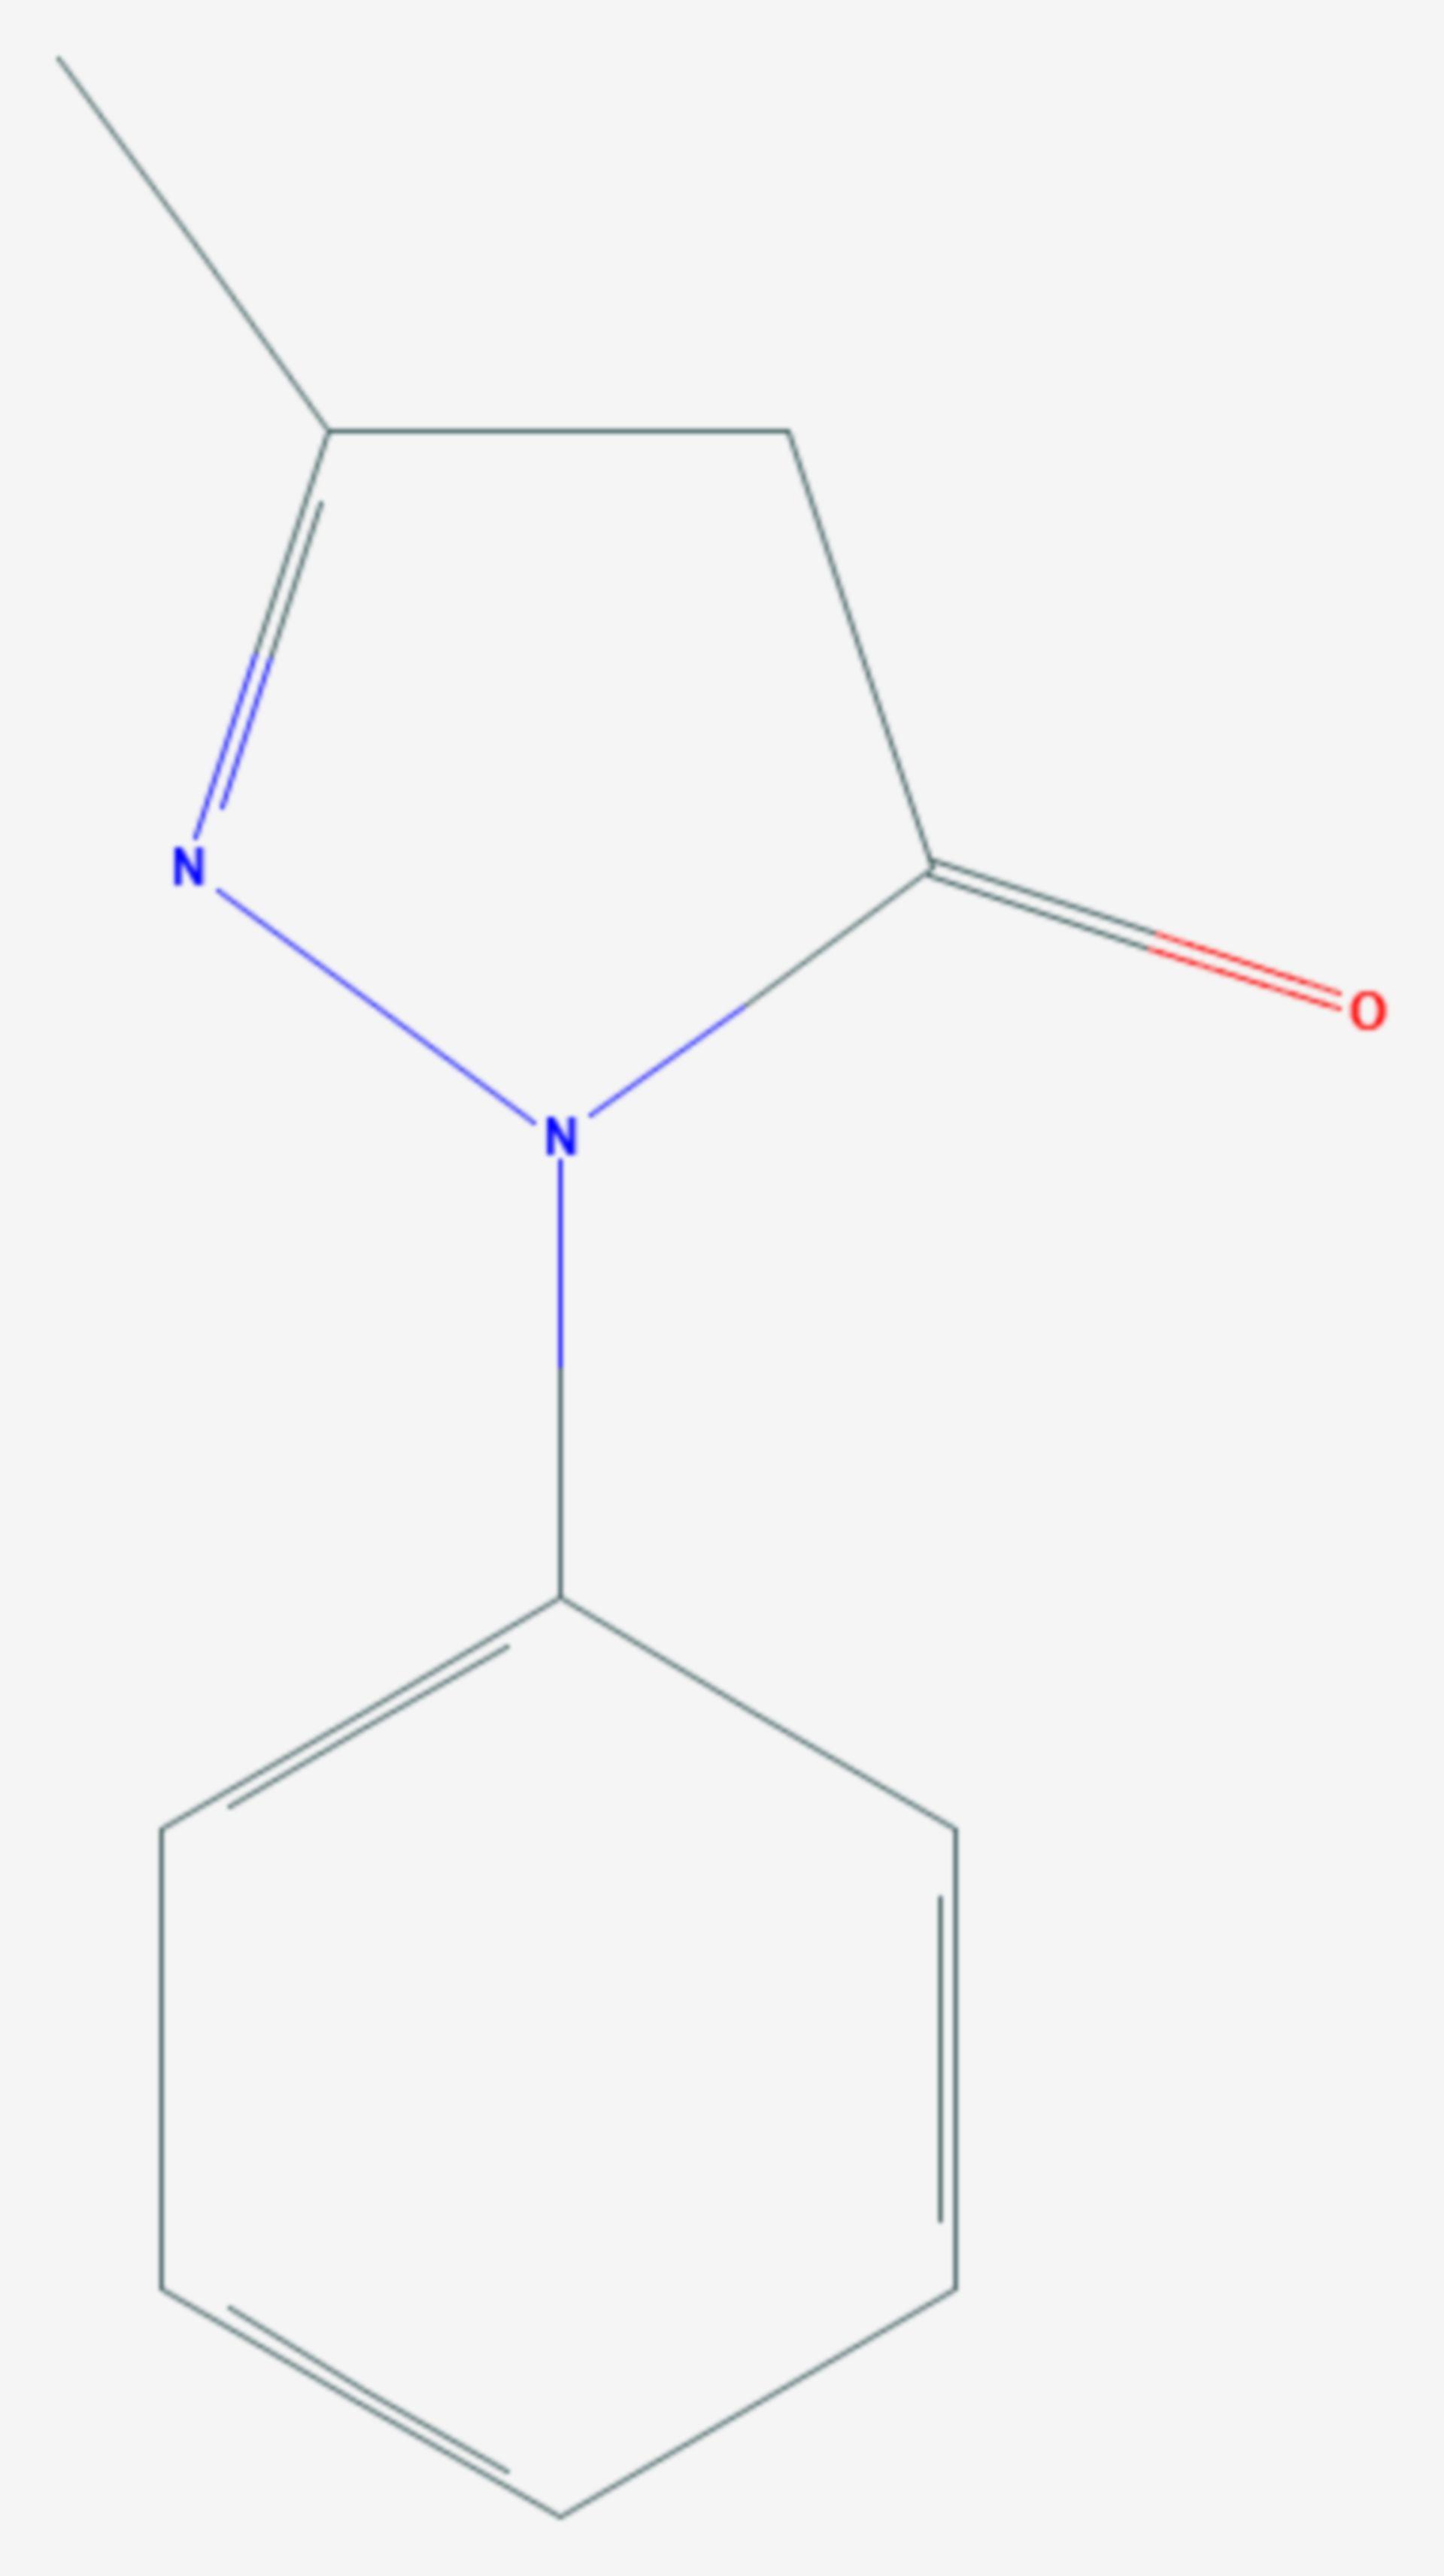 3-Methyl-1-phenyl-5-pyrazolon (Strukturformel)